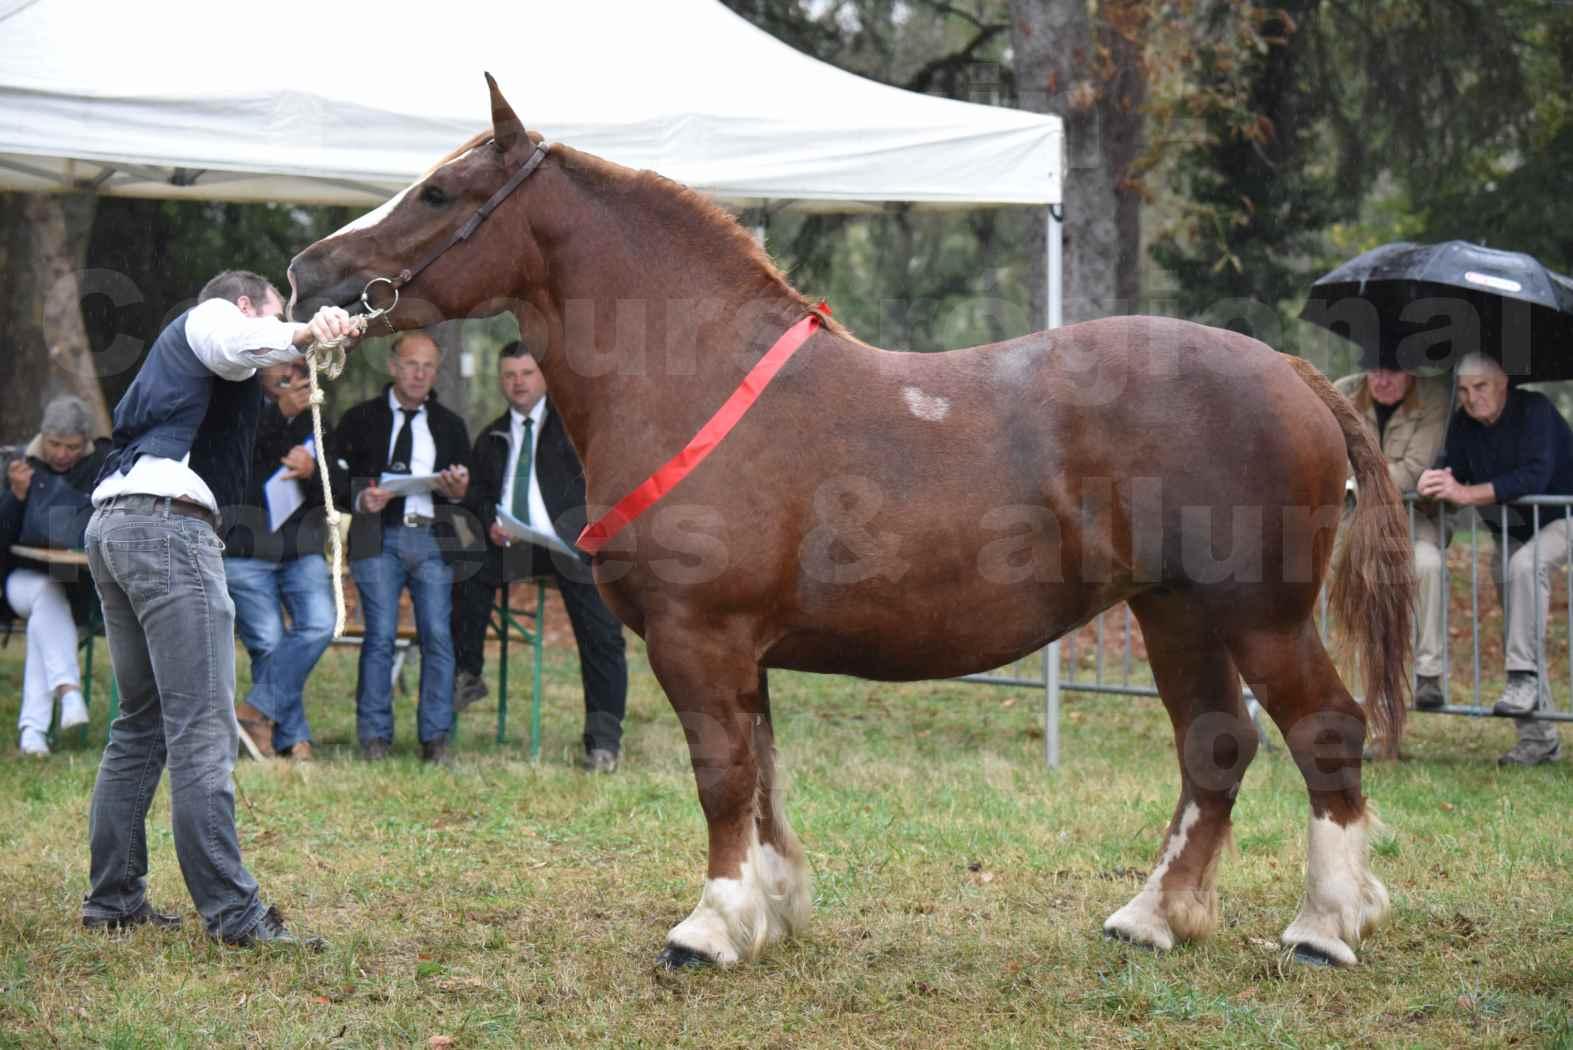 Concours Régional de chevaux de traits en 2017 - Pouliche trait BRETON - EDEN DE LA MOTTE - 11